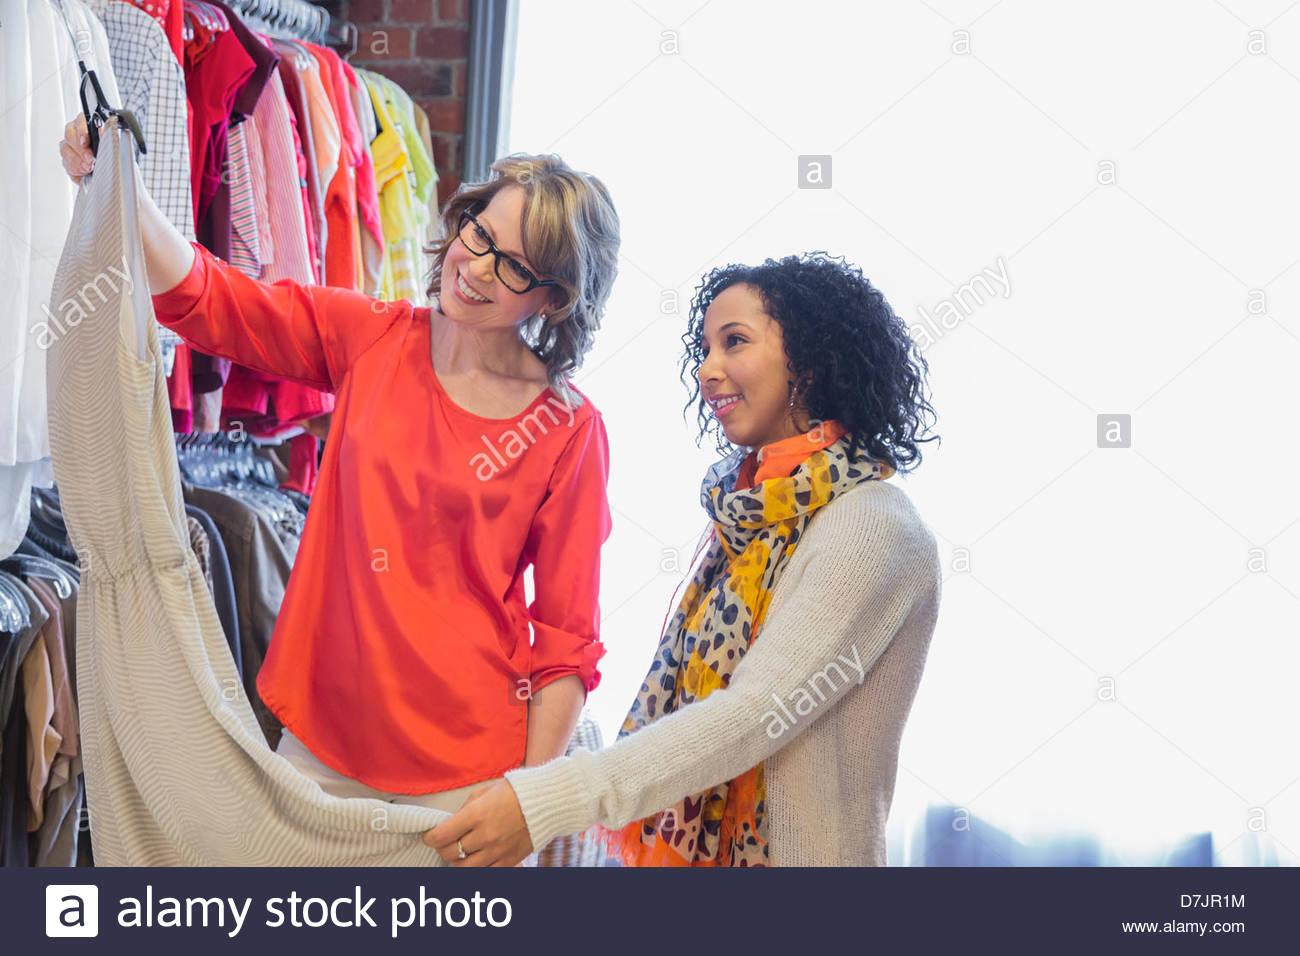 Femme propriétaire de petite entreprise assisting customer avec choix de vêtements Photo Stock